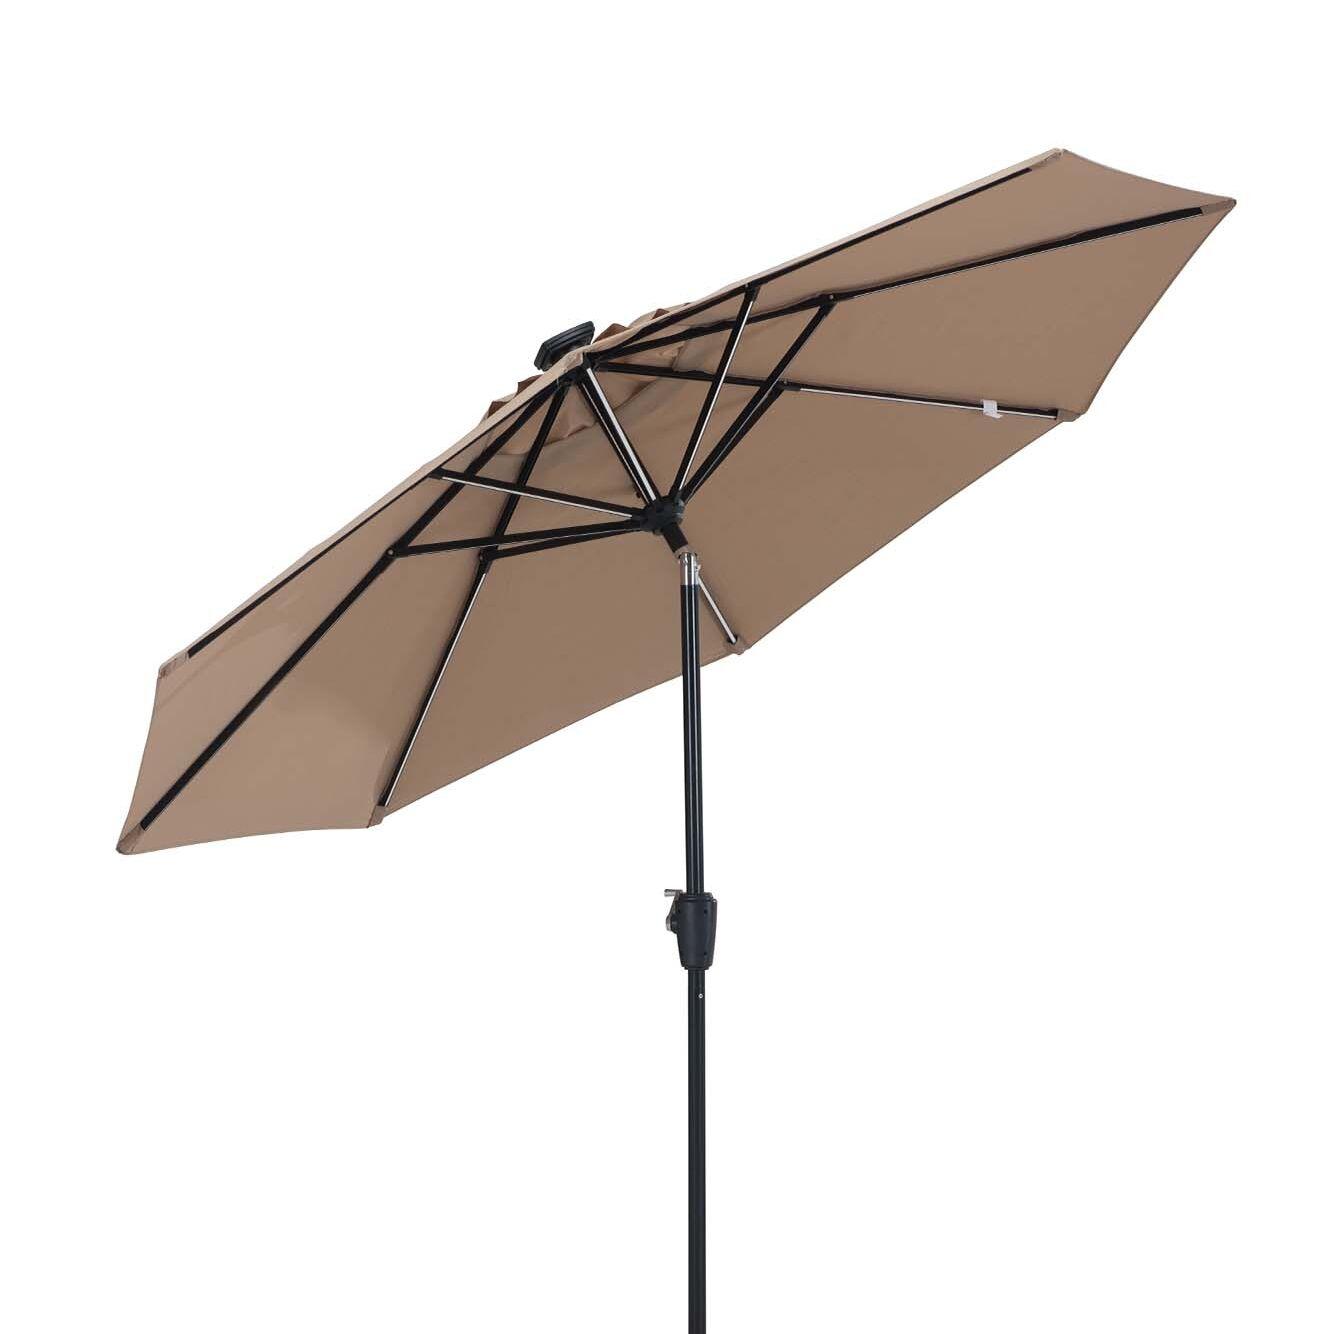 Llanes 9' Lighted Umbrella